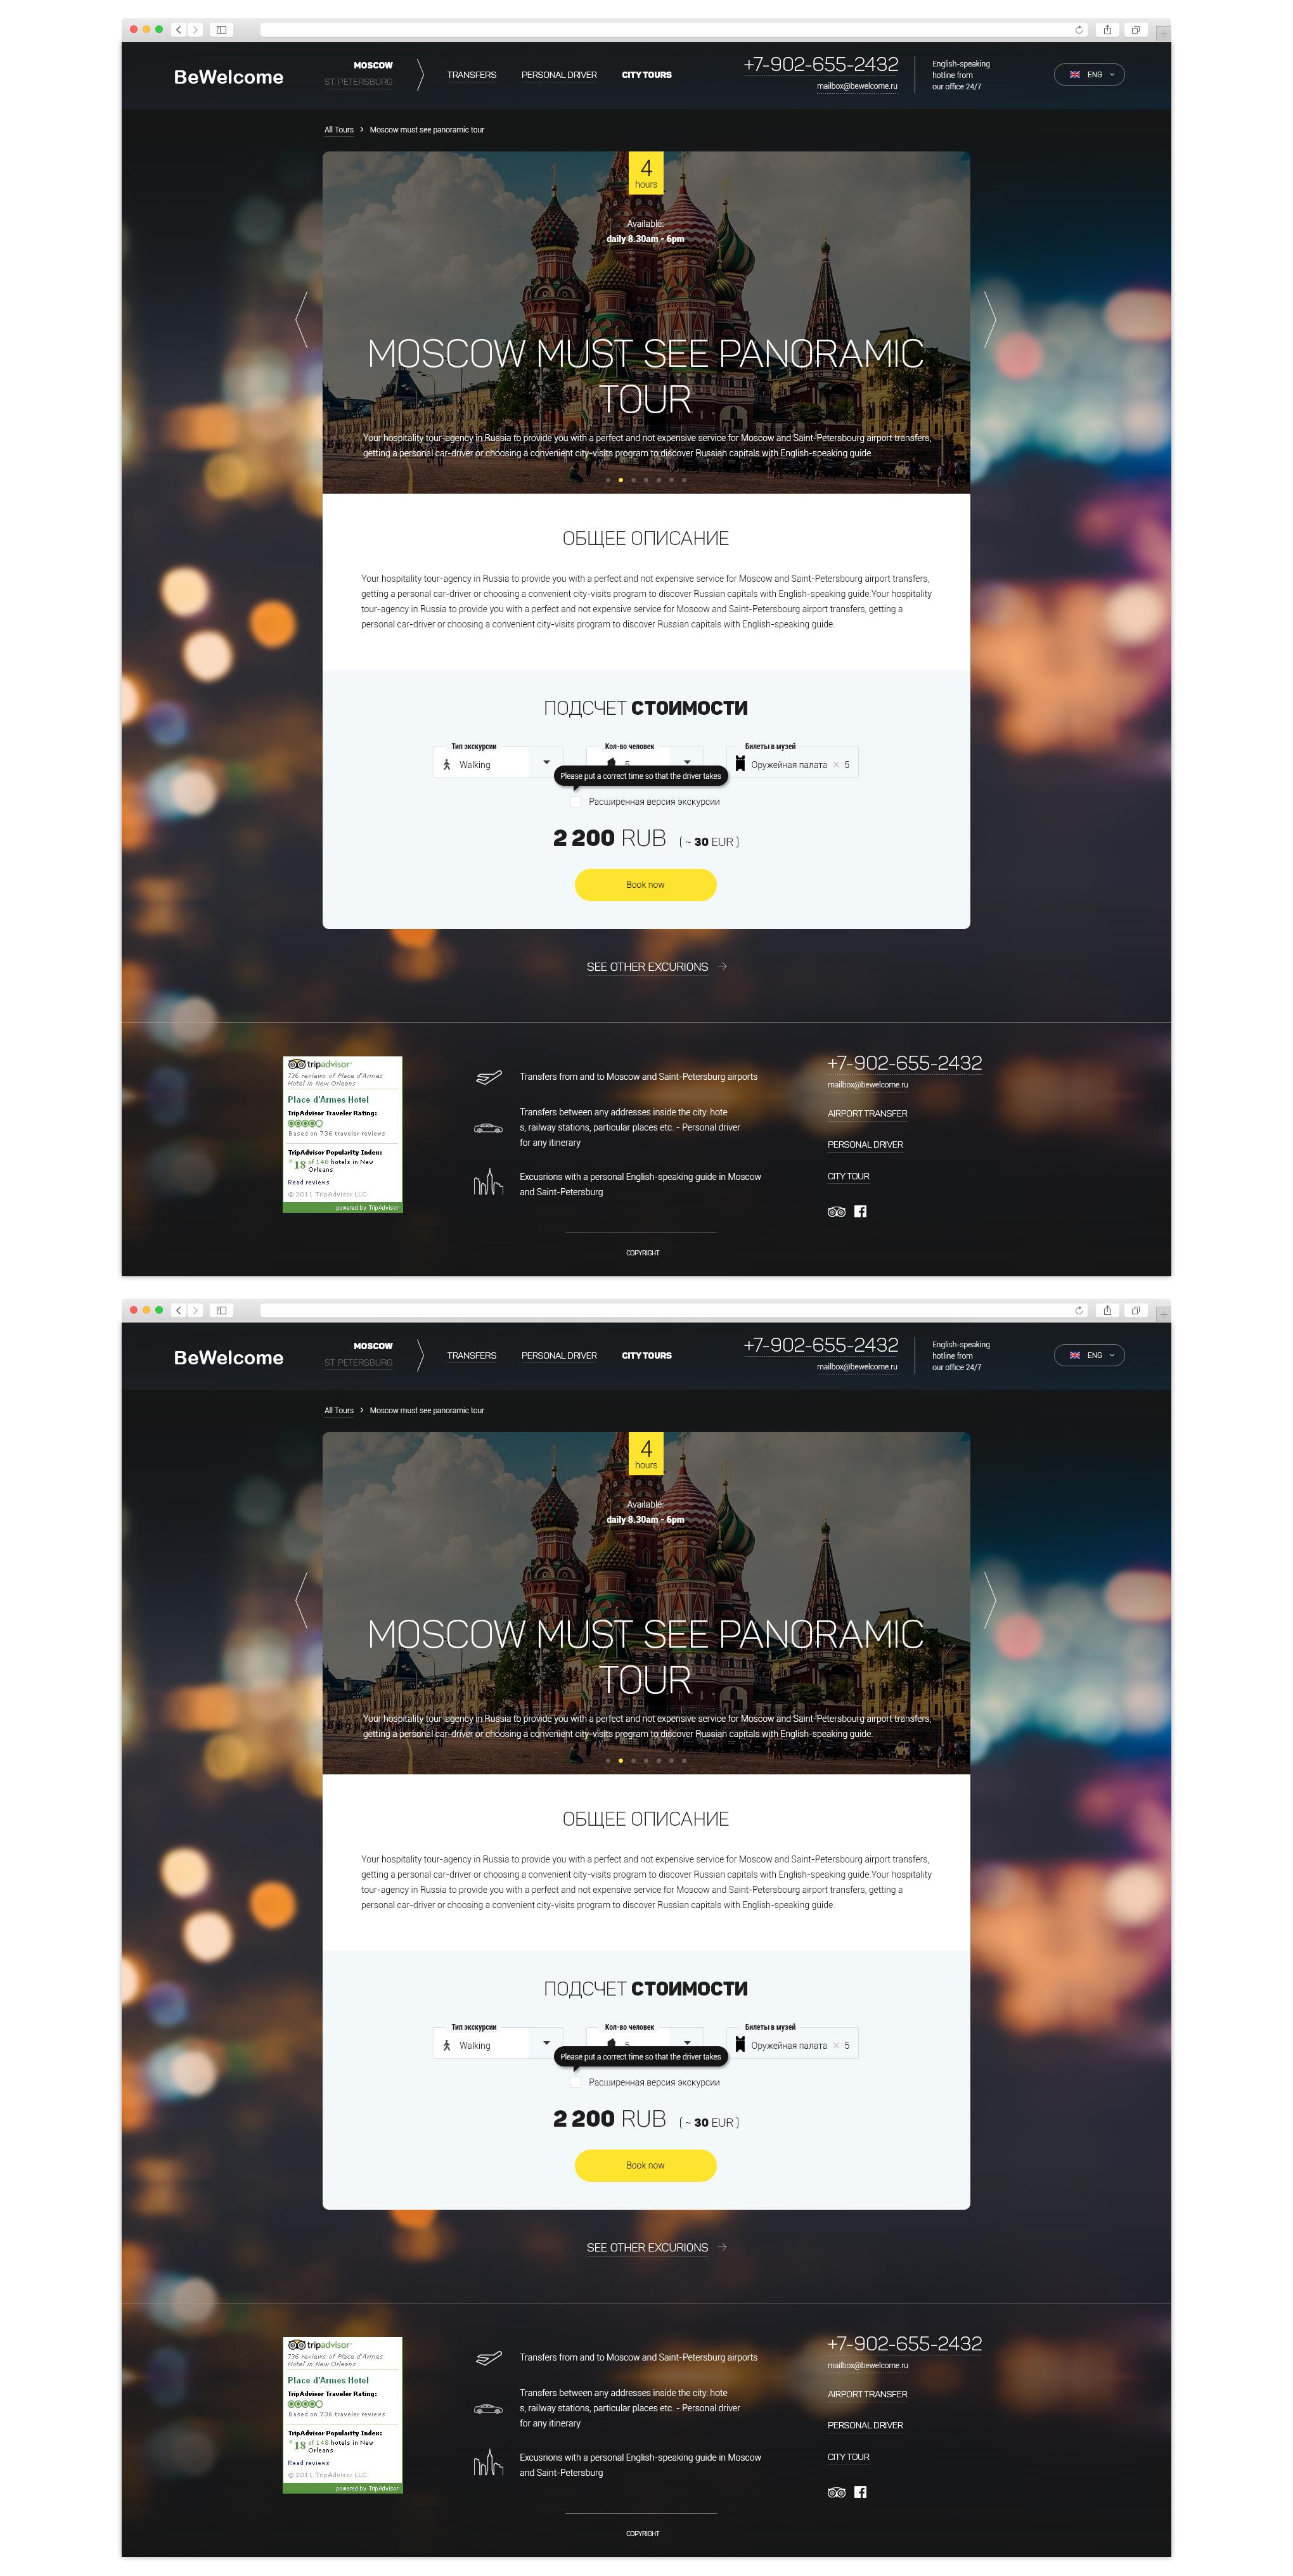 Дизайн многостраничника для сервиса заказа экскурсий по Москве и Питеру с трансферами